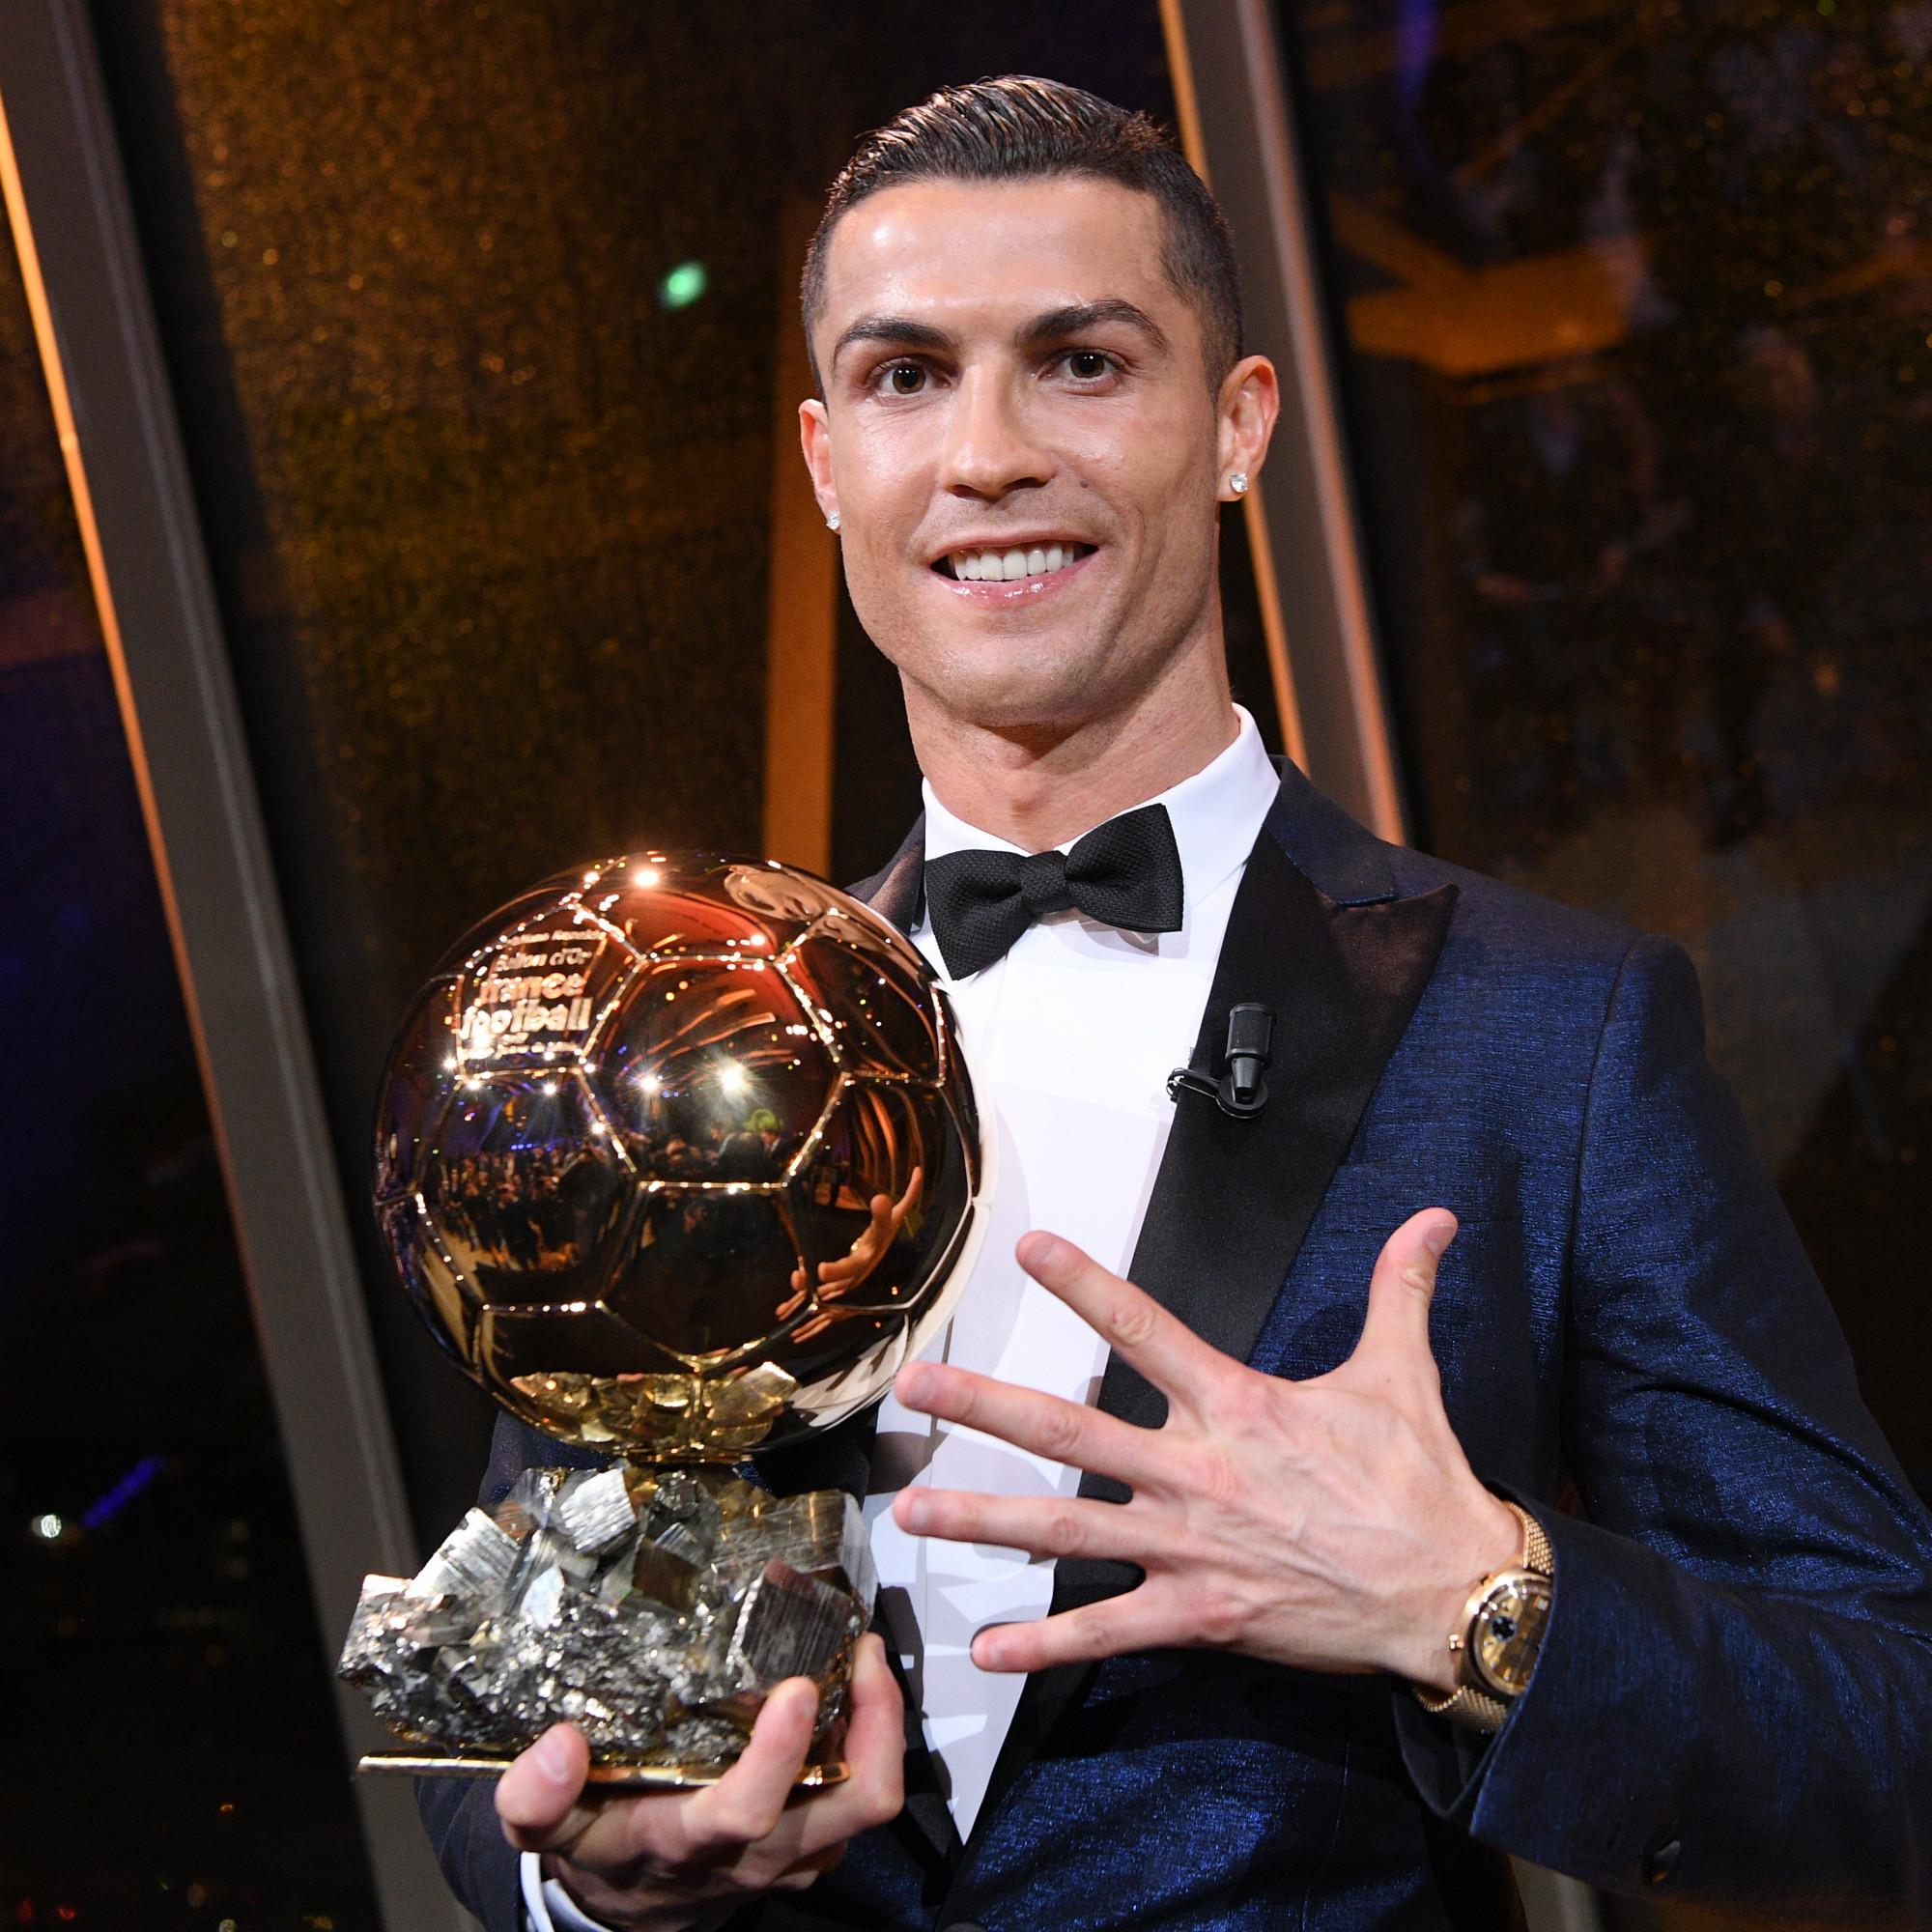 Ballon d'Or : Cristiano Ronaldo sera sacré pour la 6e fois en 2021, explique Florian Gazan